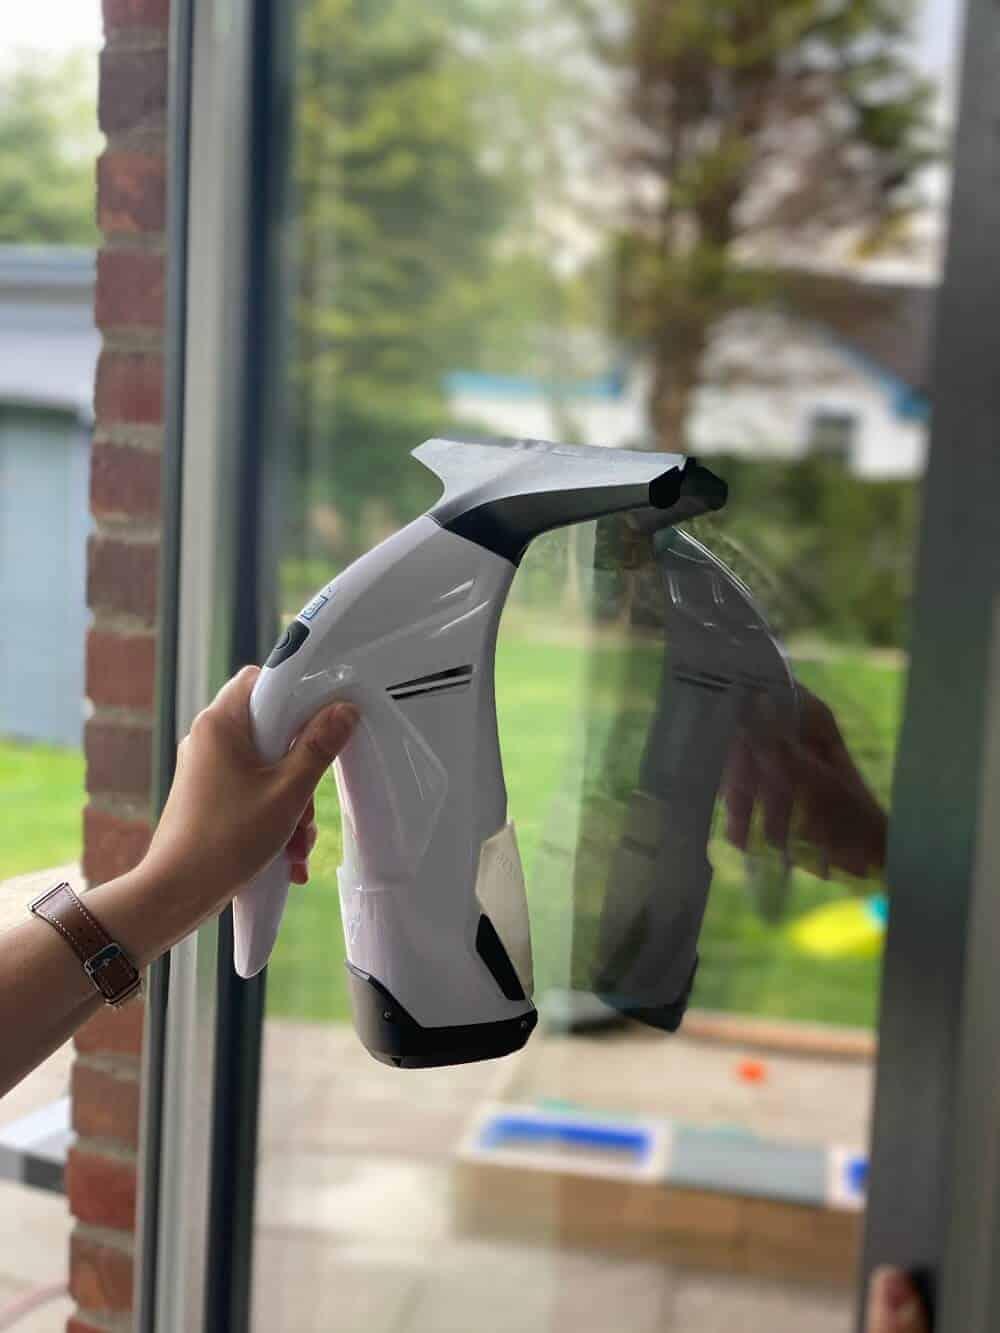 Der Fenstersauger vom Discounter hat ein gutes Reinigungsergebnis, leider hat der Akku aber nicht sonderlich lange gehalten